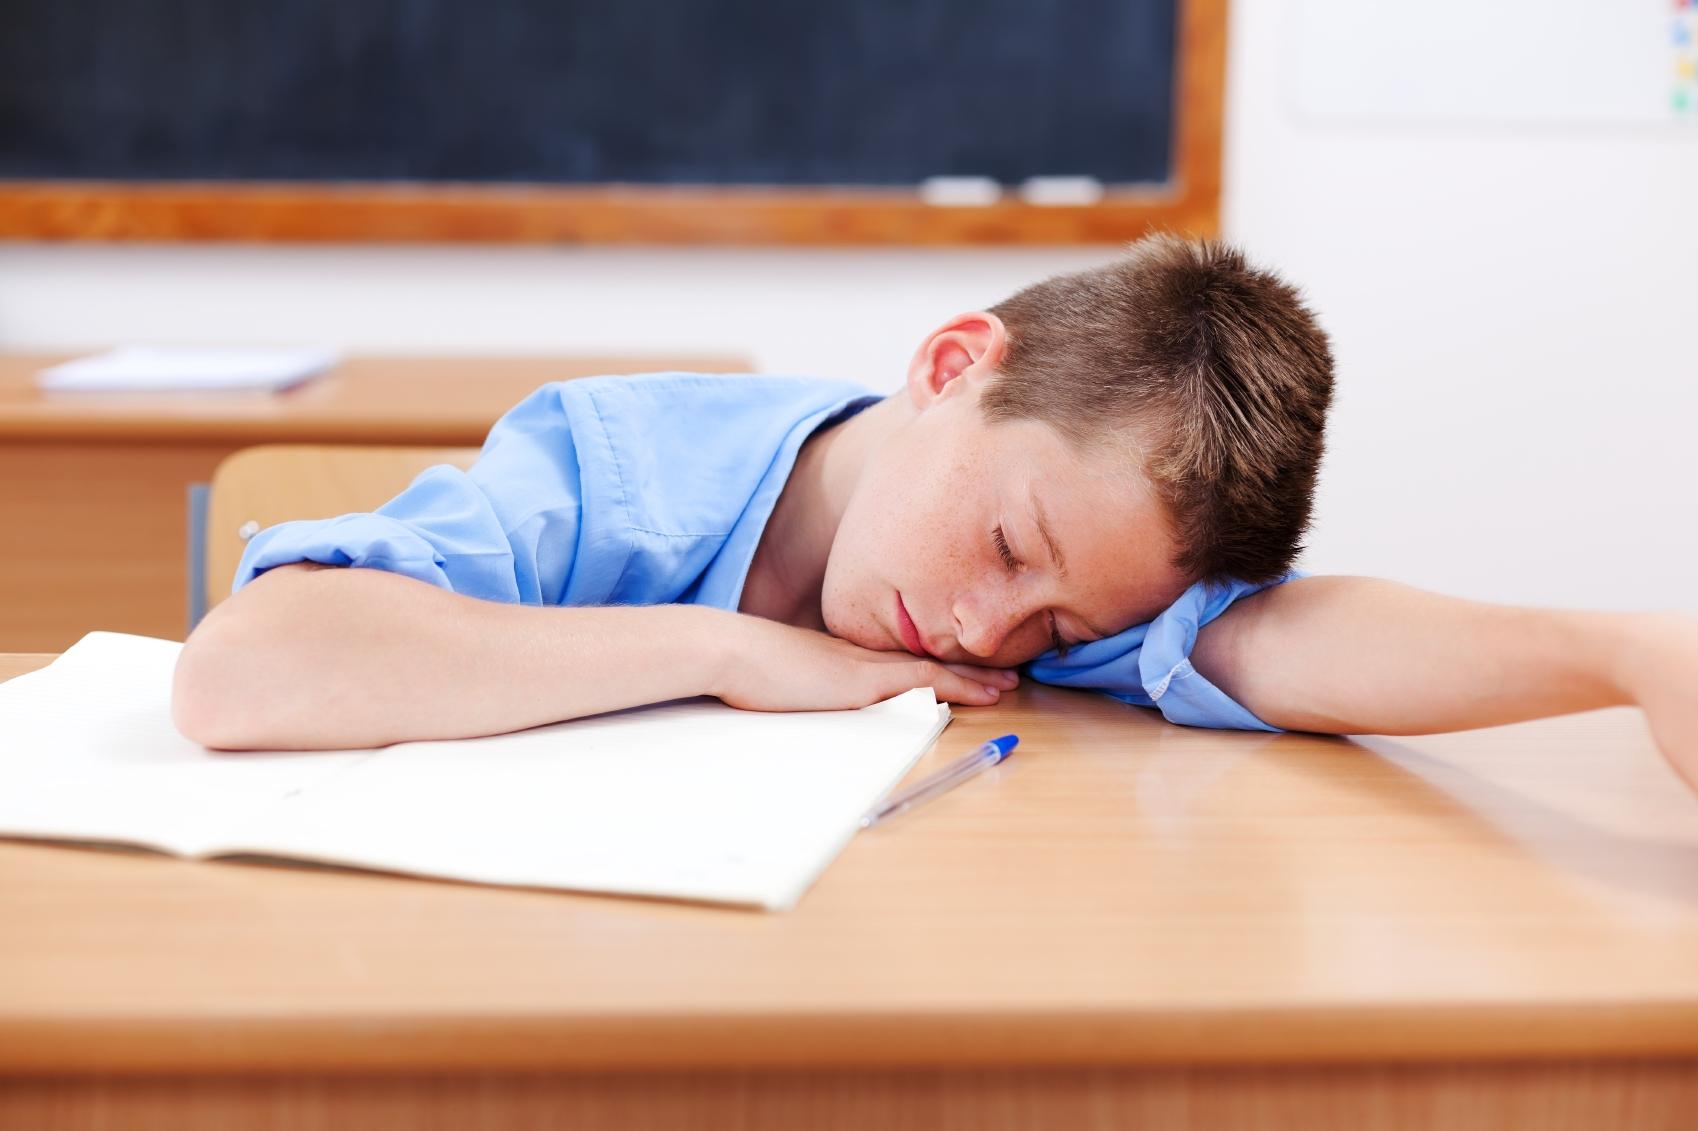 sonno depressione e ansia nei bambini